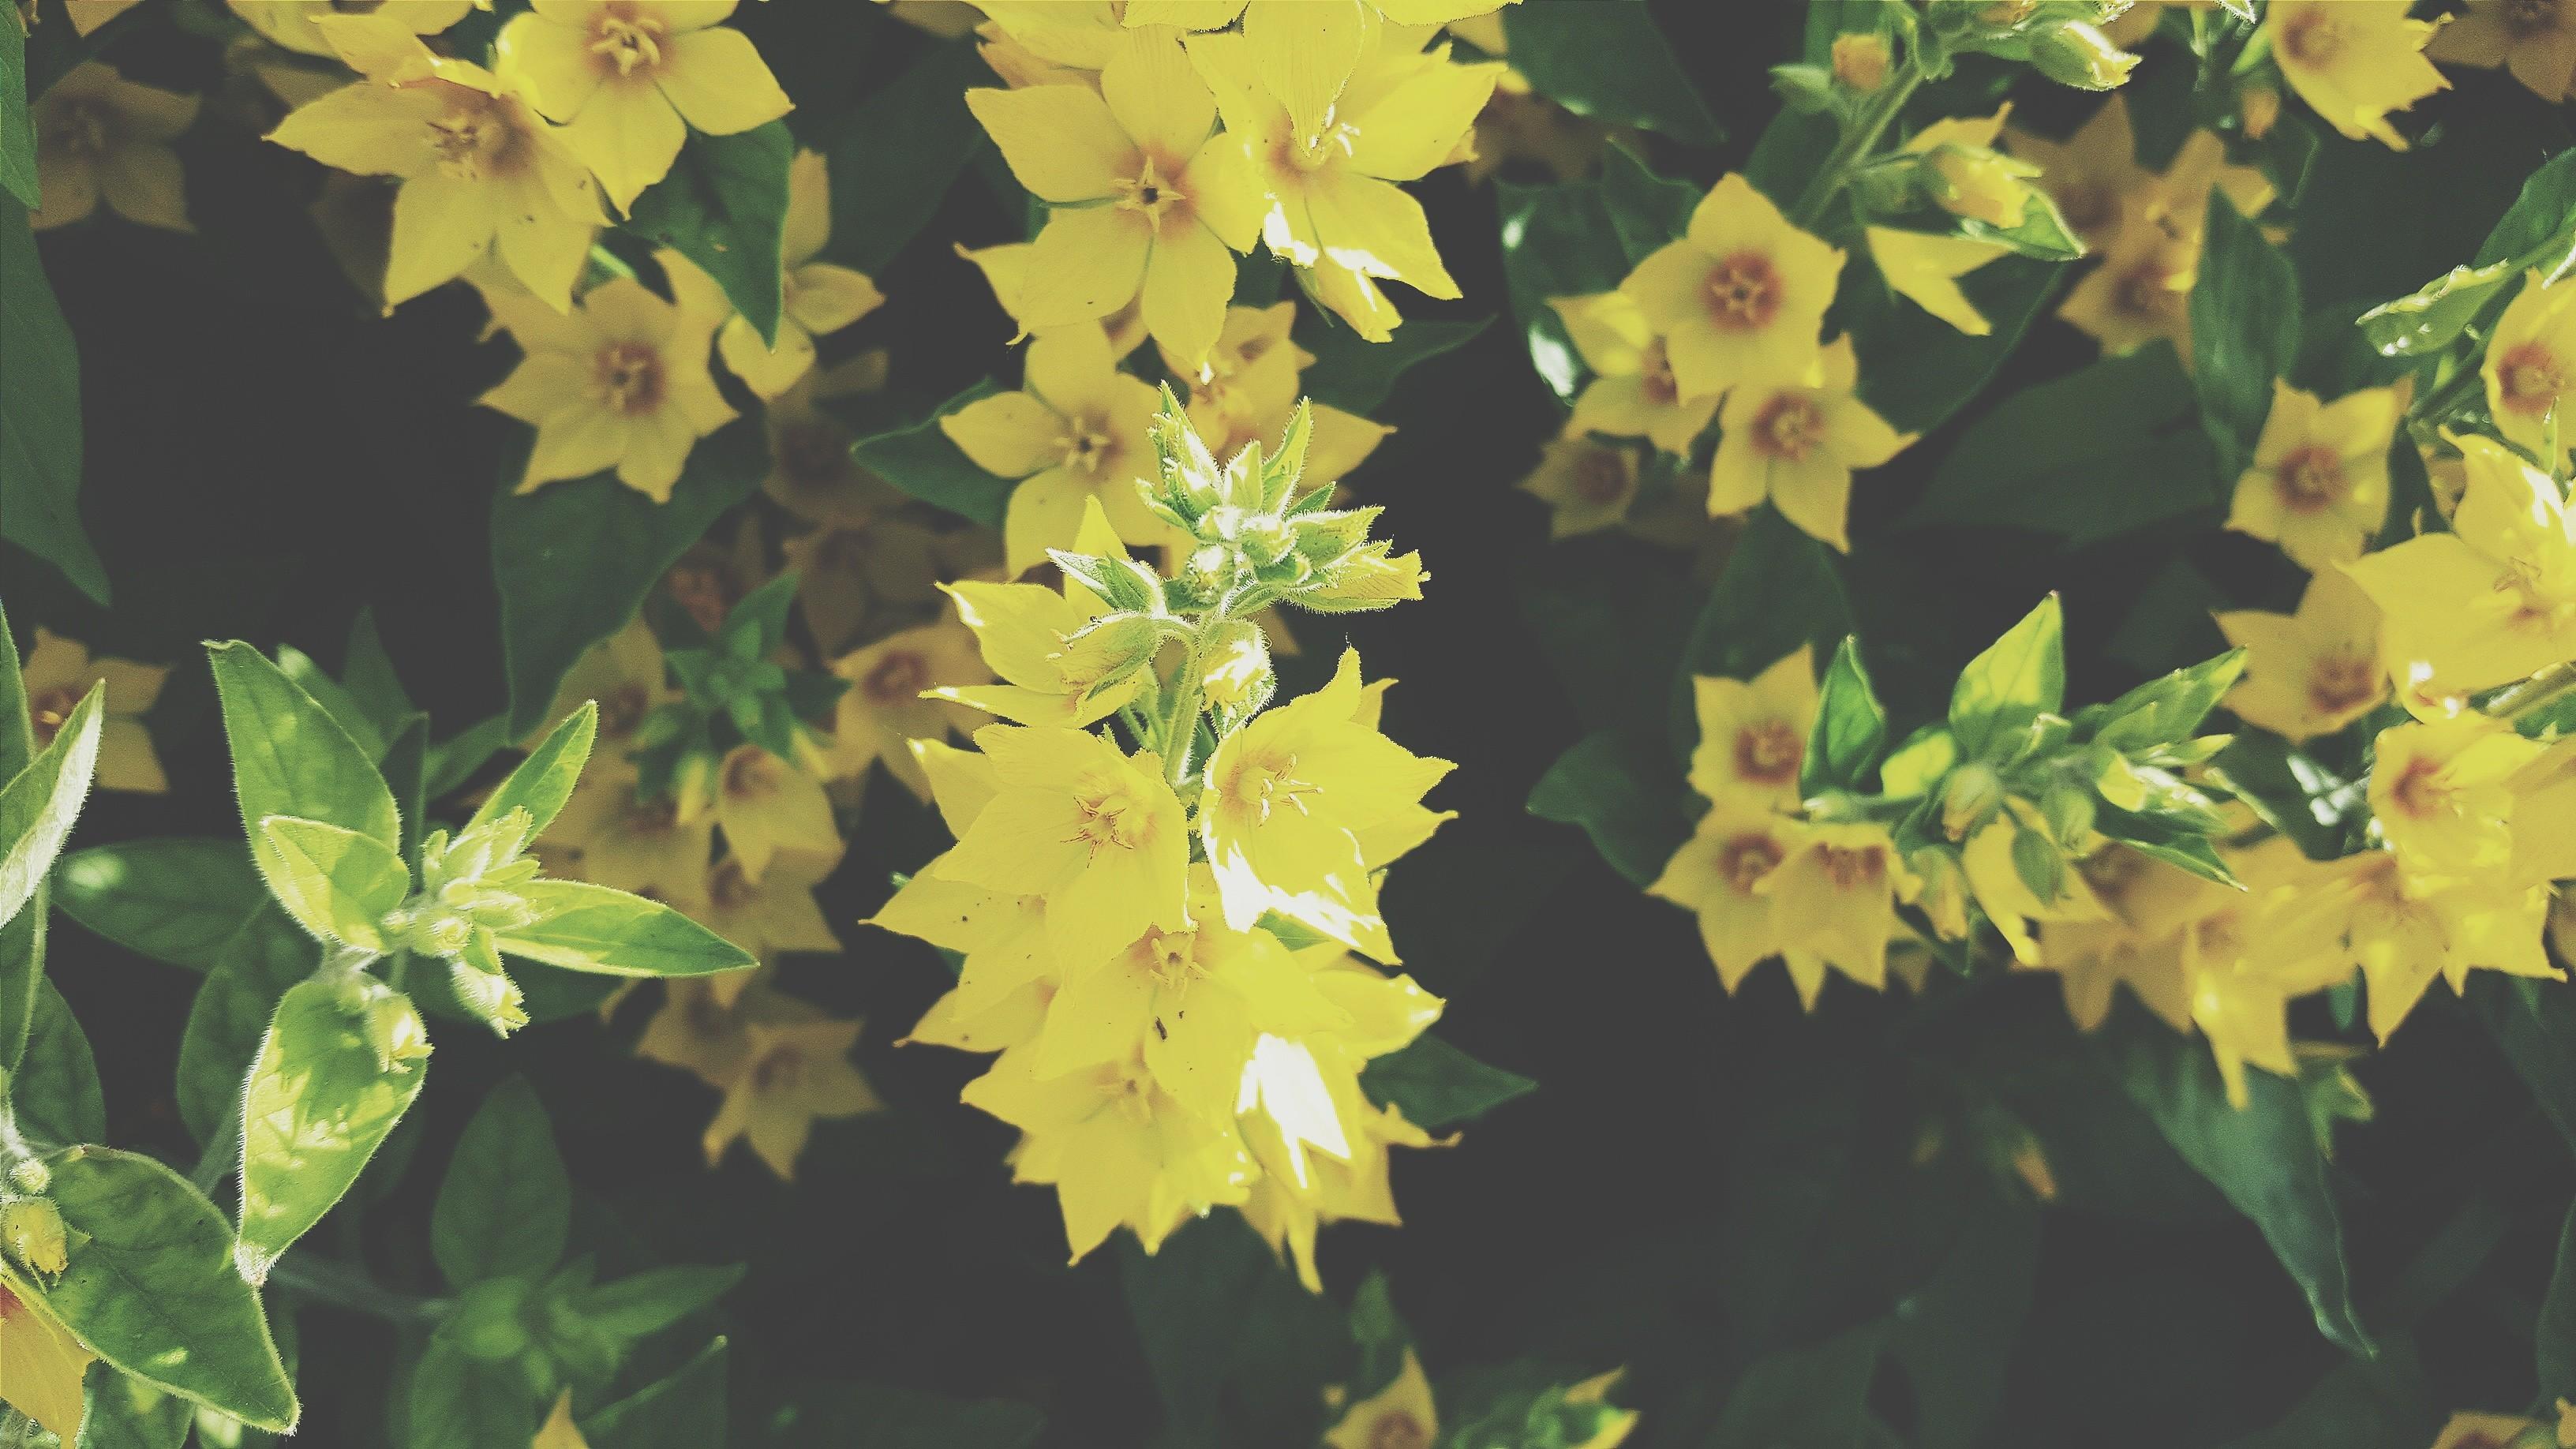 Sonnenlicht Pflanzen Ast Grün Gelb Baum Herbst Blatt Blume Pflanze Jahreszeit Flora produzieren Botanik Landanlage blühende